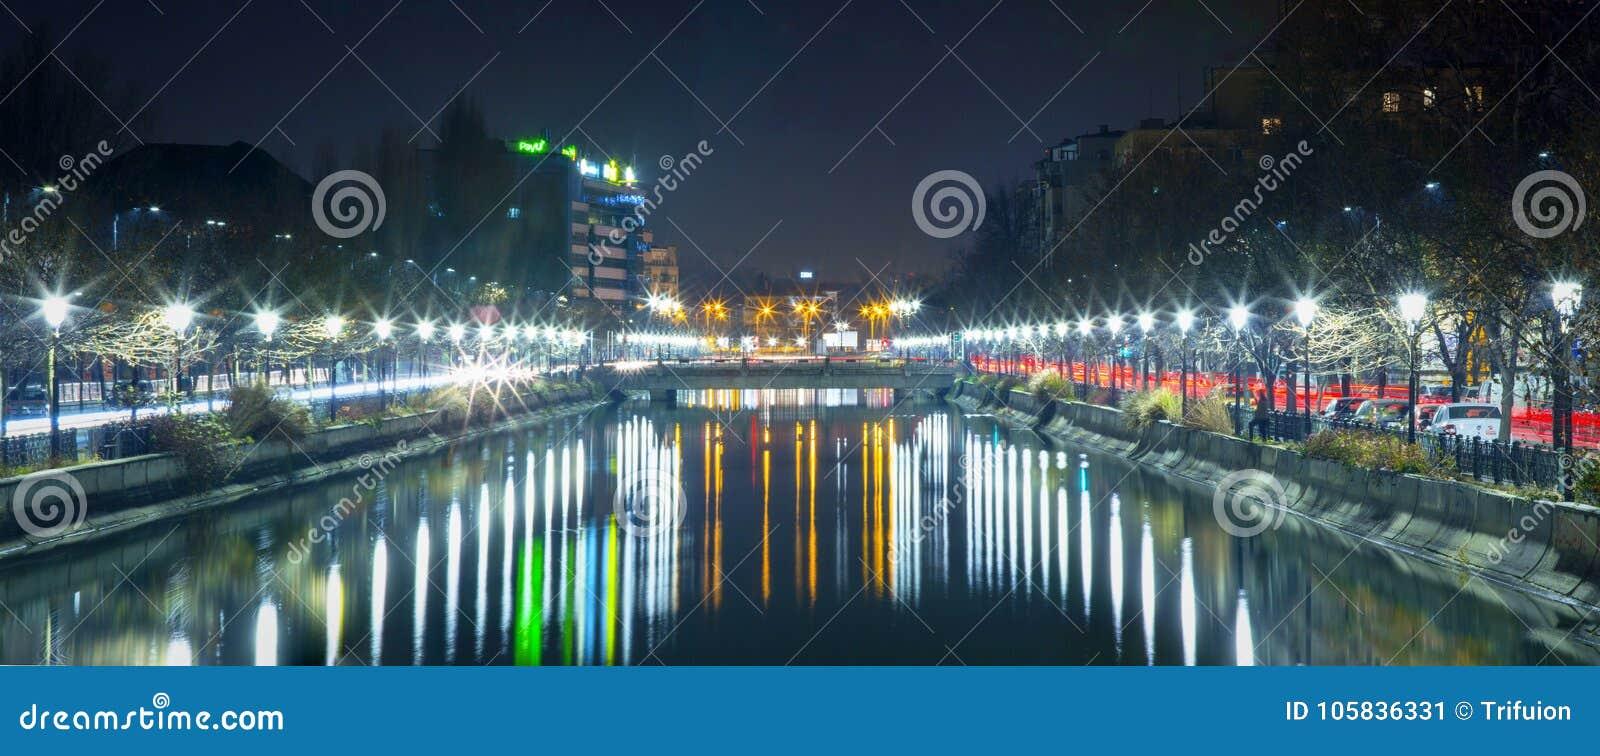 Bucharest at Night - Dambovita river - panorama picture